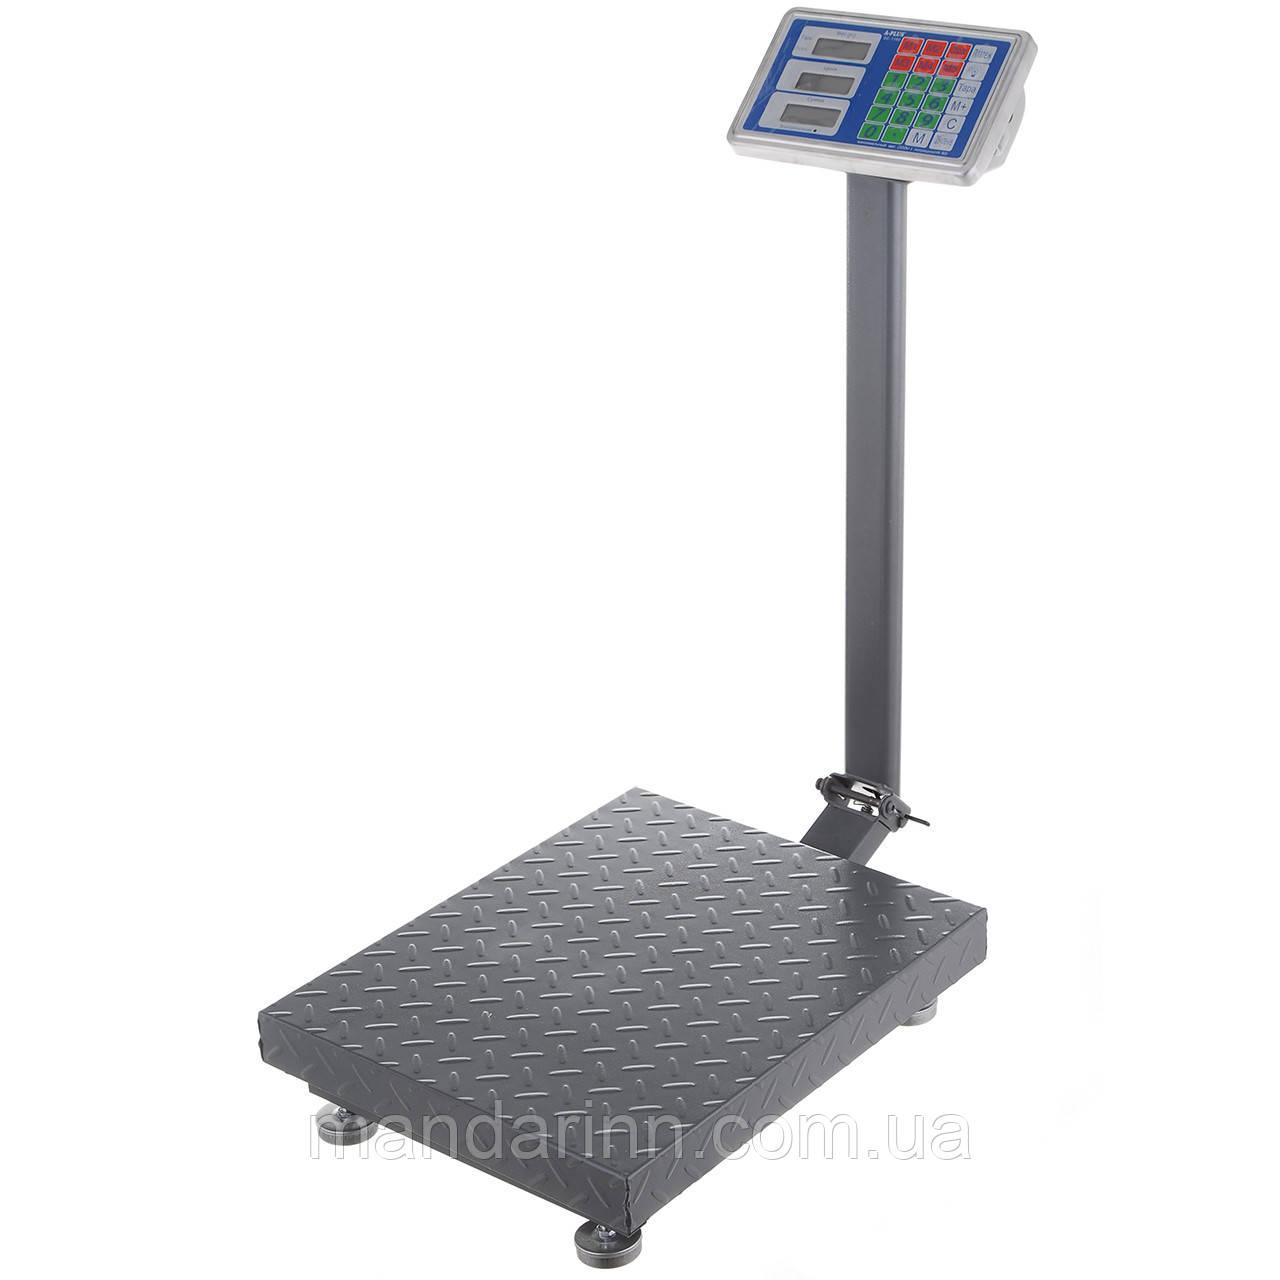 Компьютерные платформенные весы А-Плюс 300 кг